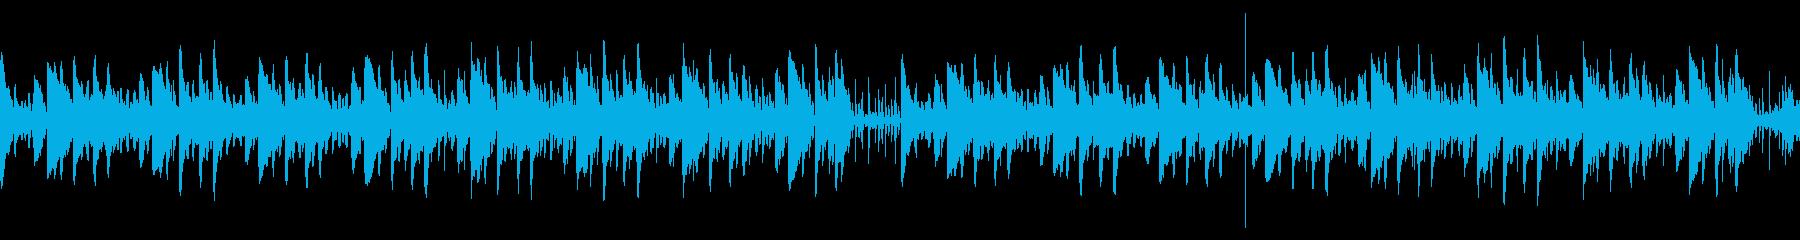 ドッキリYouTubeかわいいループの再生済みの波形